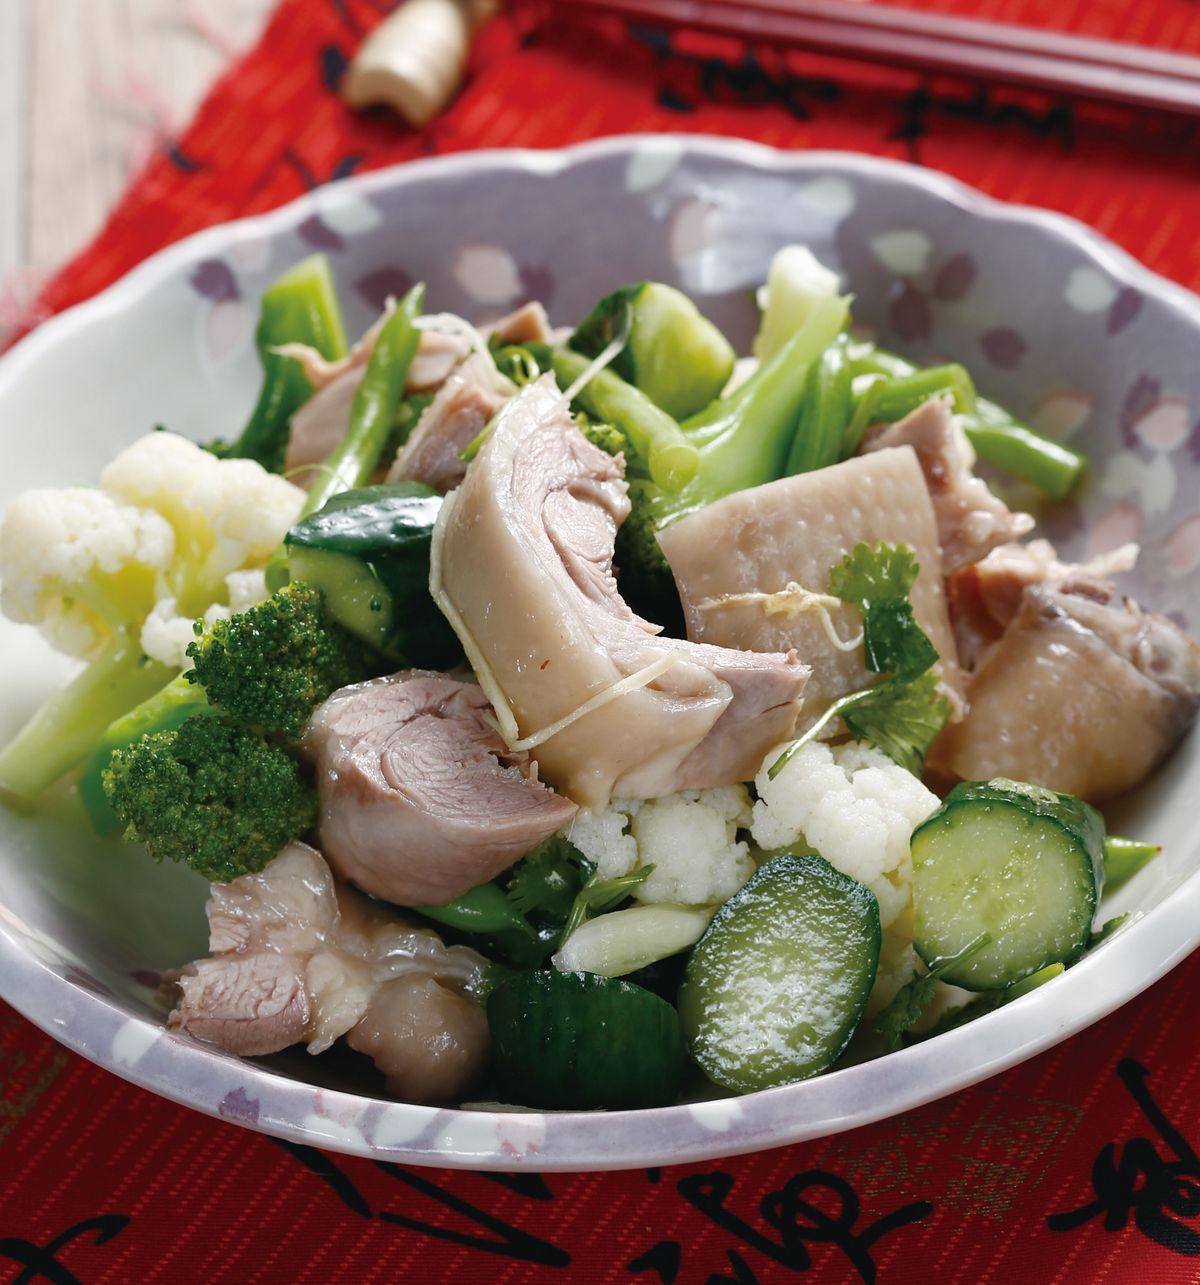 食譜:什蔬鹽水雞